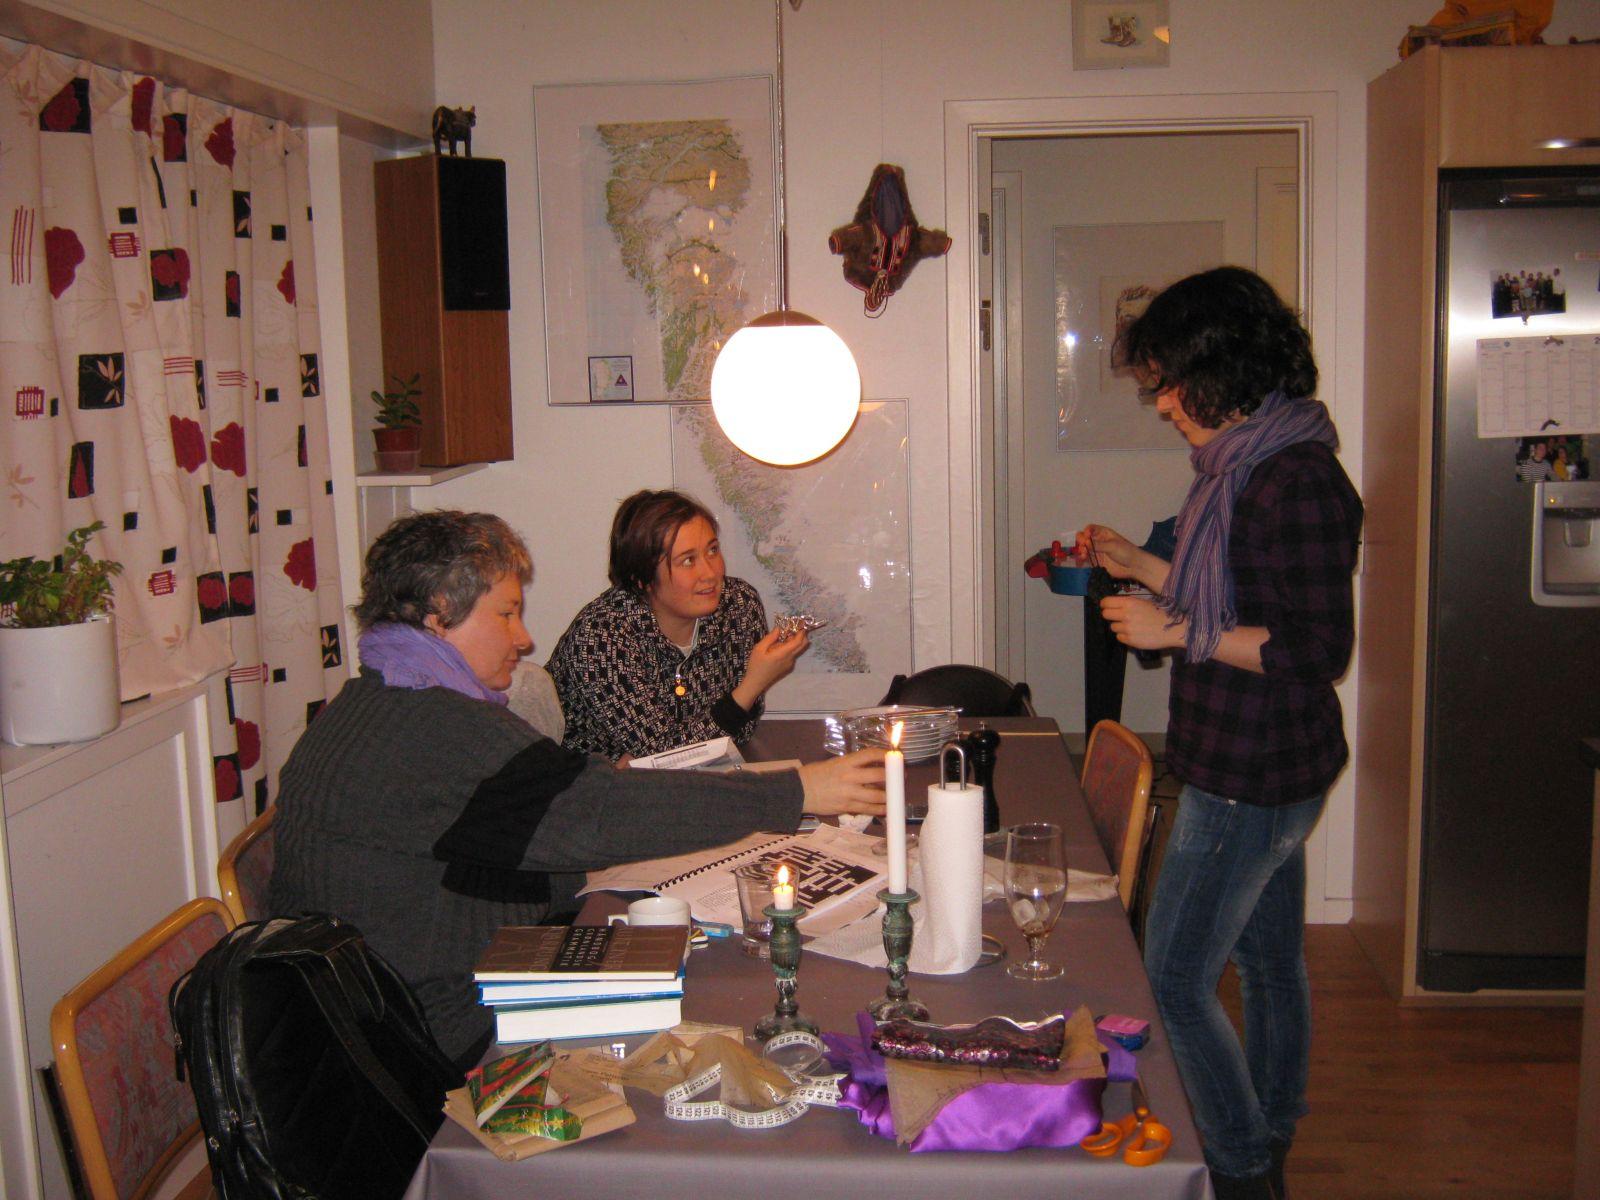 2010-01-26-1756_-_Ivalo Lynge Labansen; Maritha Eugenius Labansen; Mette Labansen